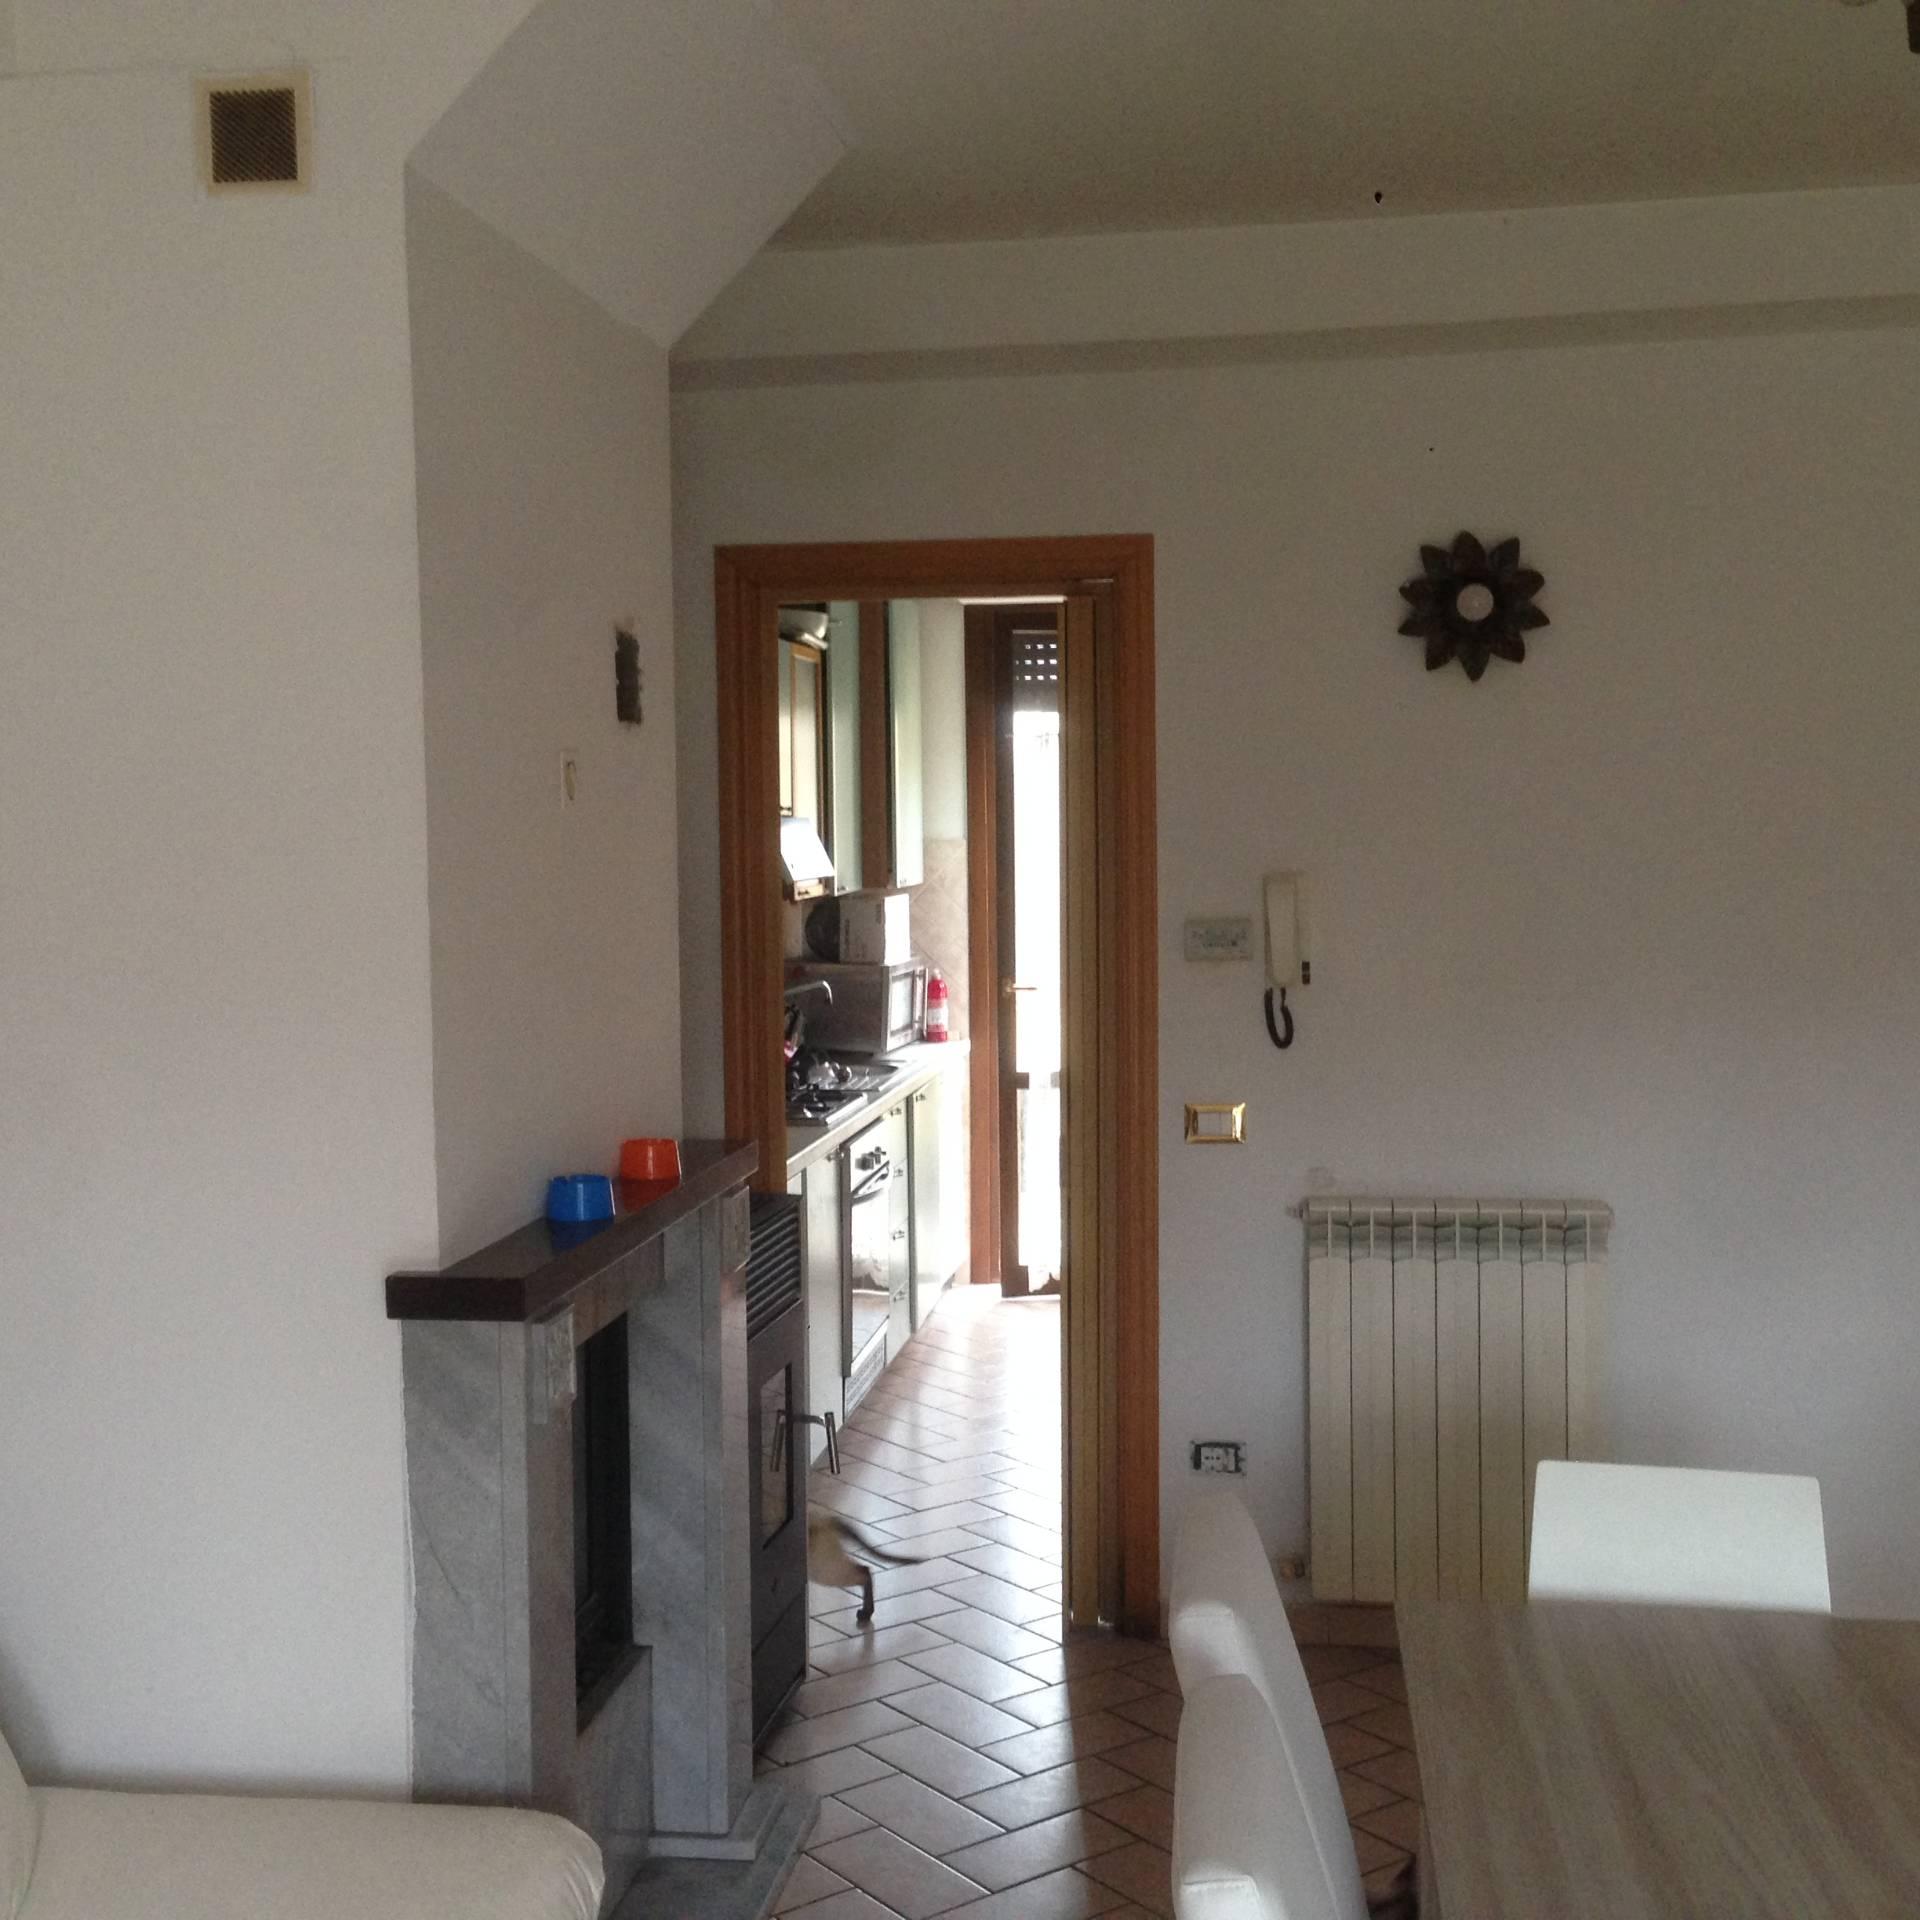 Appartamento in vendita a Fabriano, 6 locali, zona Località: PERIFERIA, prezzo € 100.000 | CambioCasa.it